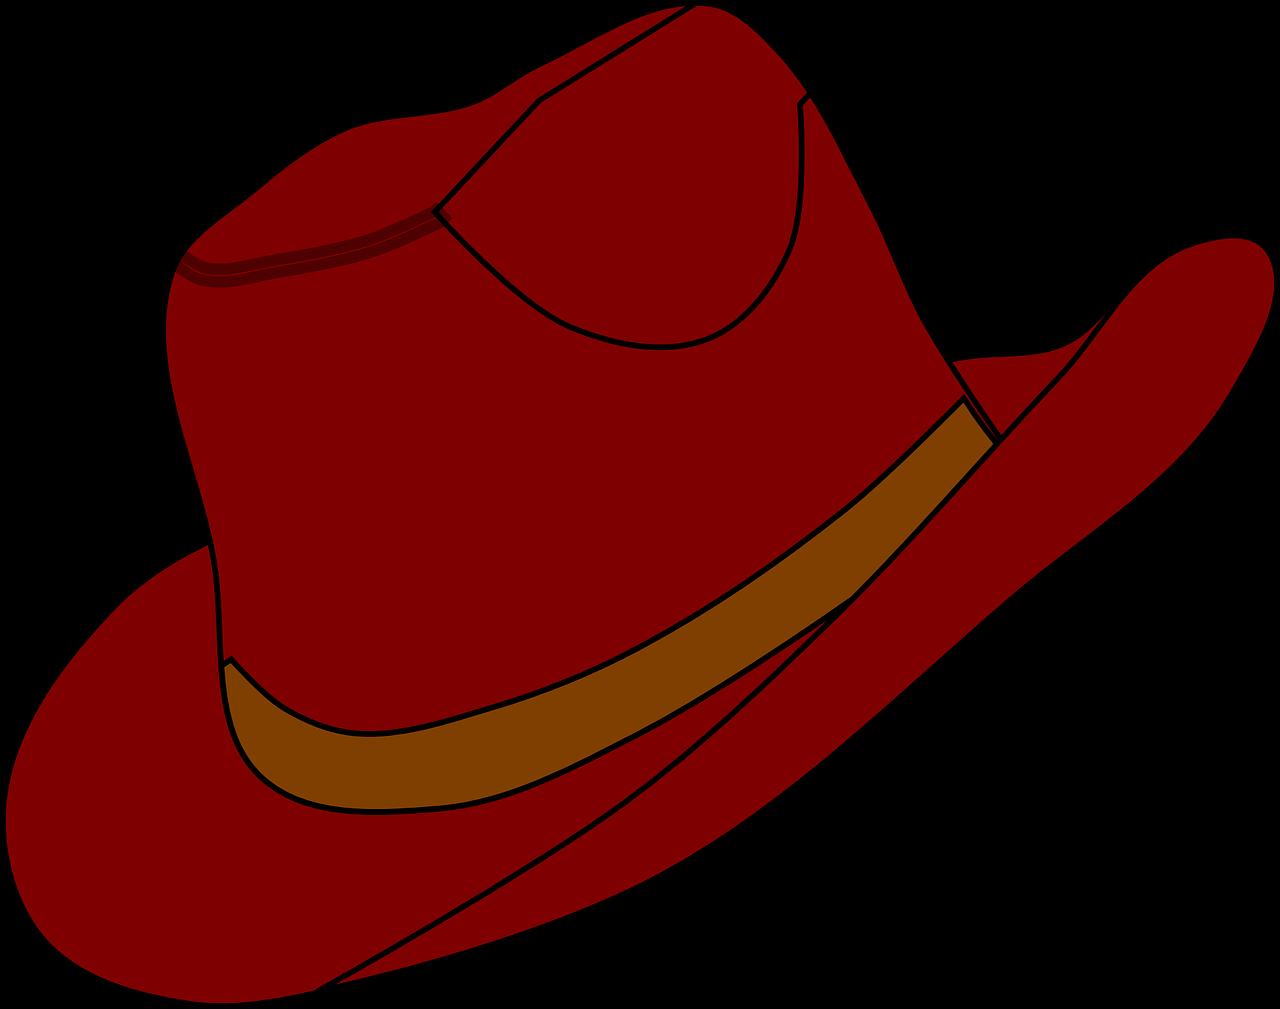 Pice clipart hat Clipartix top Hat hat clipart